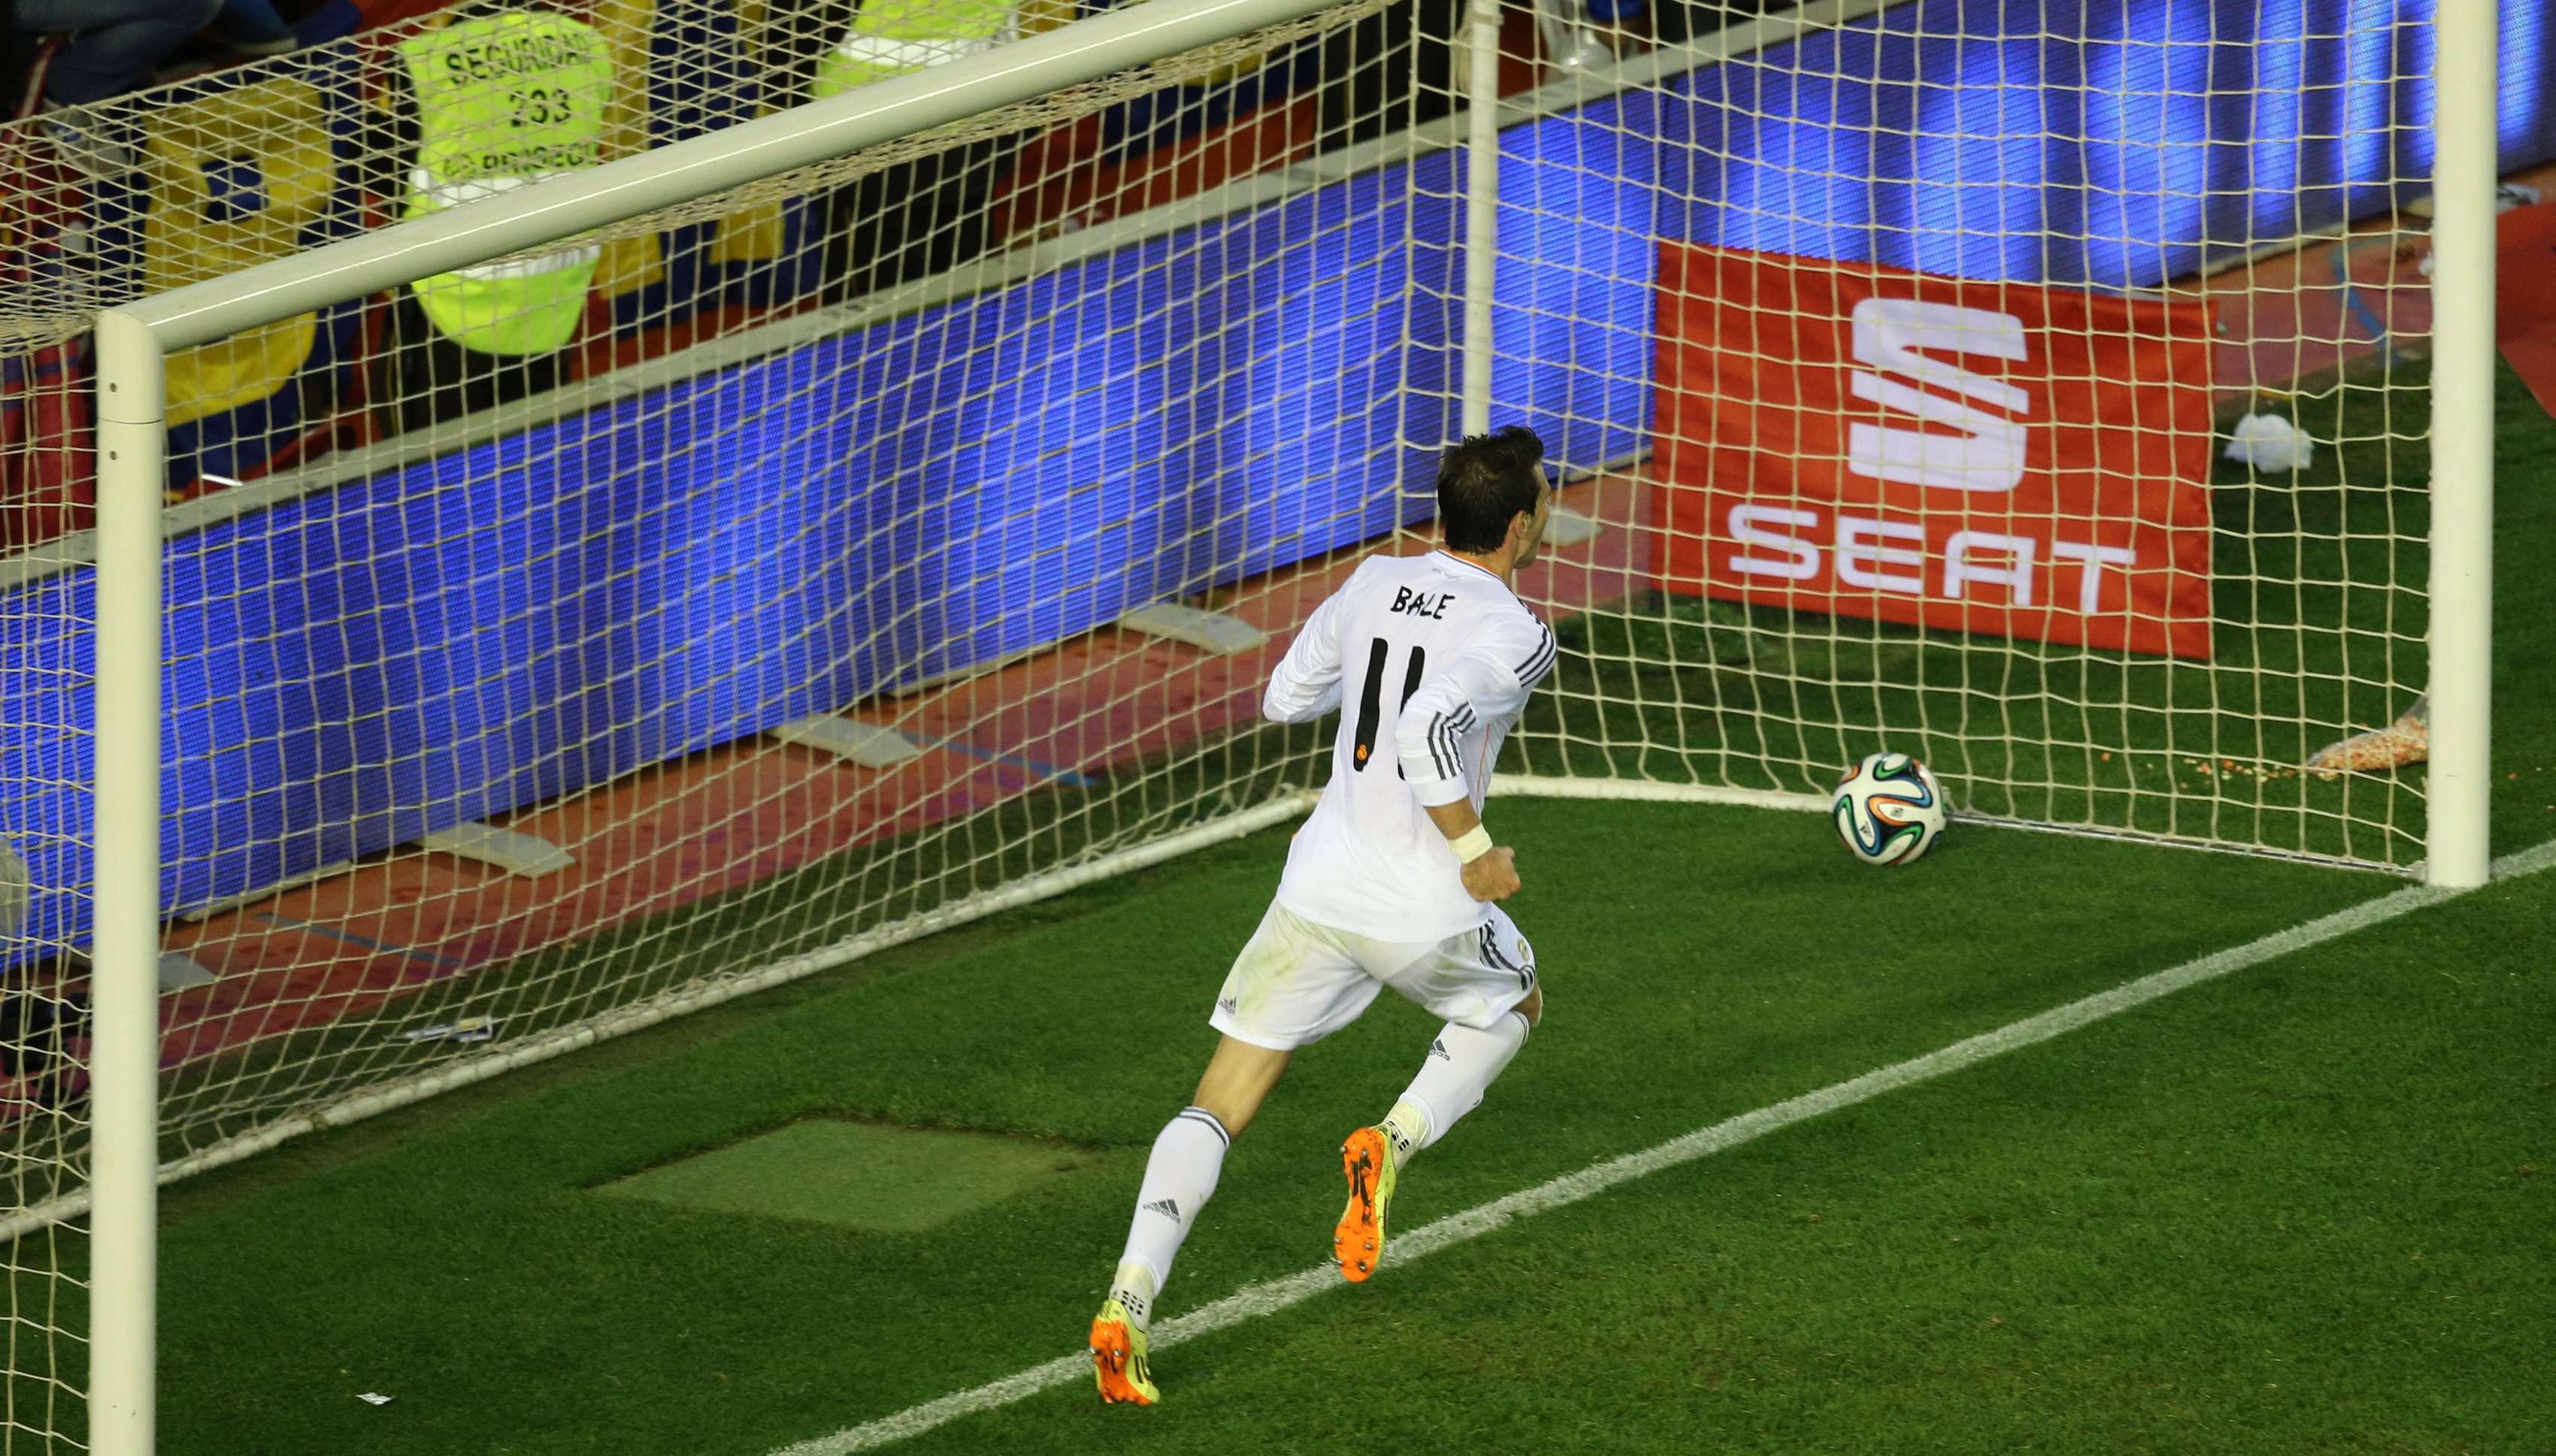 Bale correu 59 metros em 7,2 segundos para dar taça ao Real